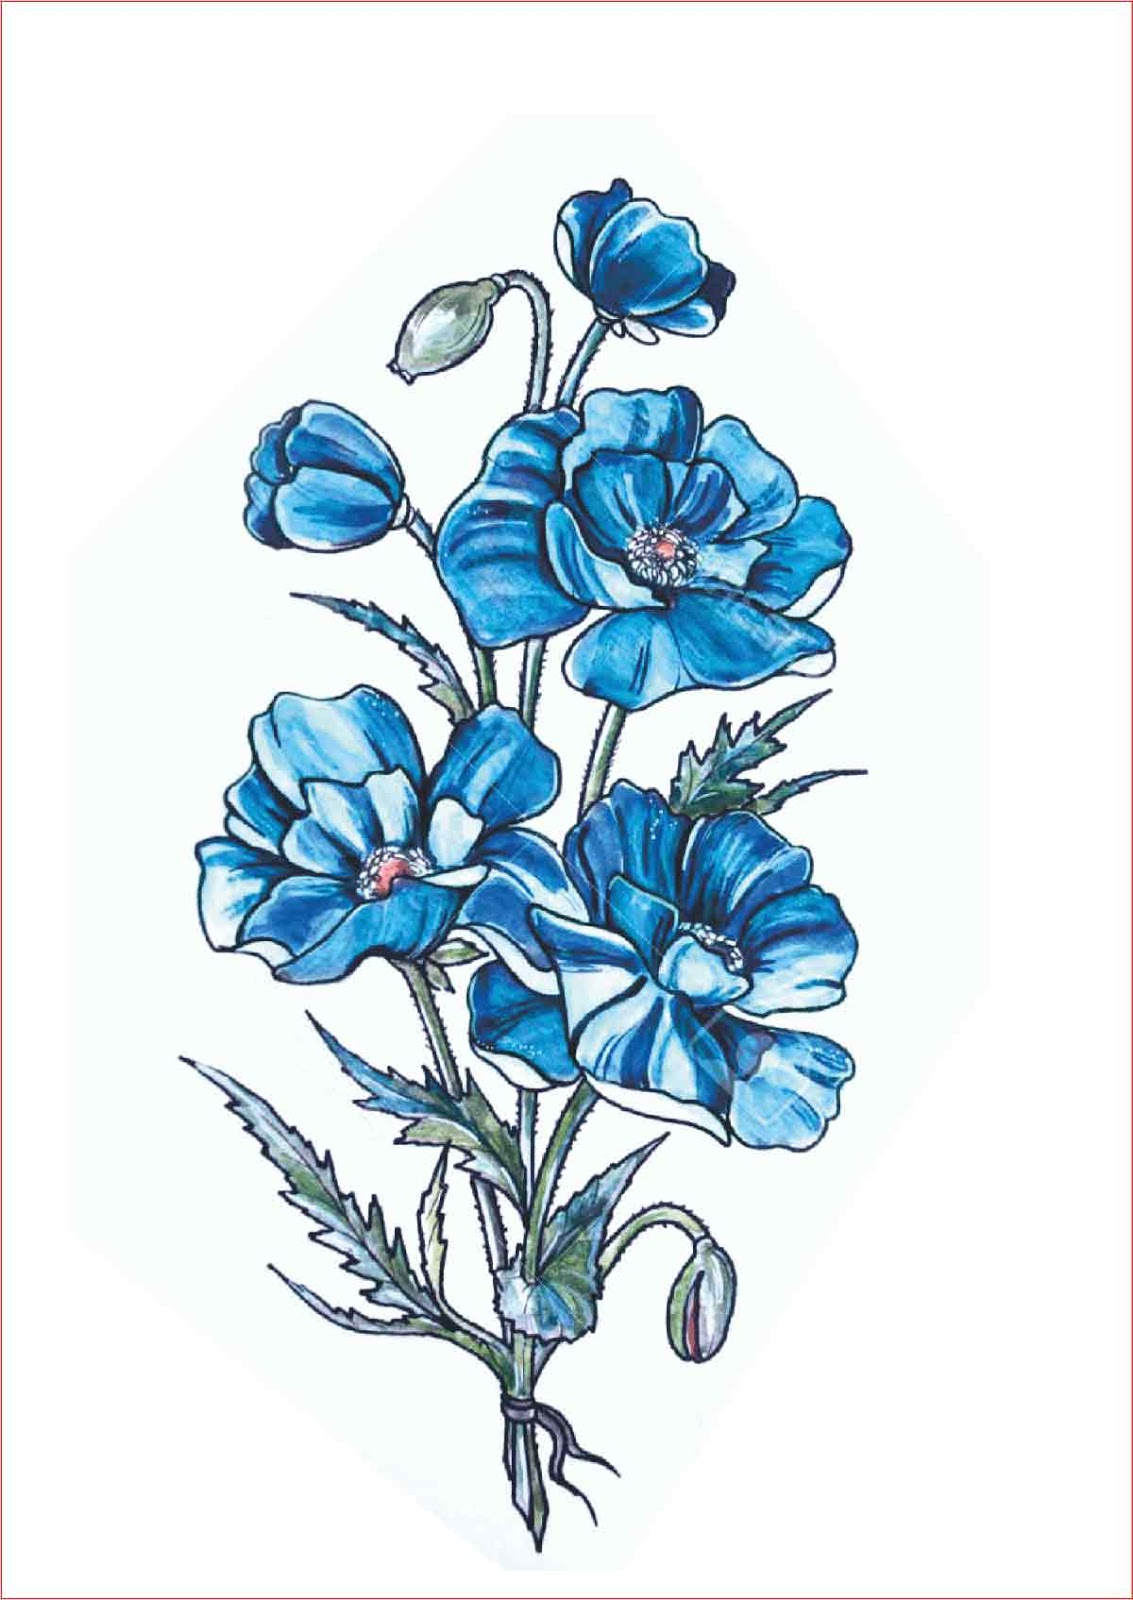 85 Gambar Kartun Bunga Cantik Hd Terbaik Gambar Kantun